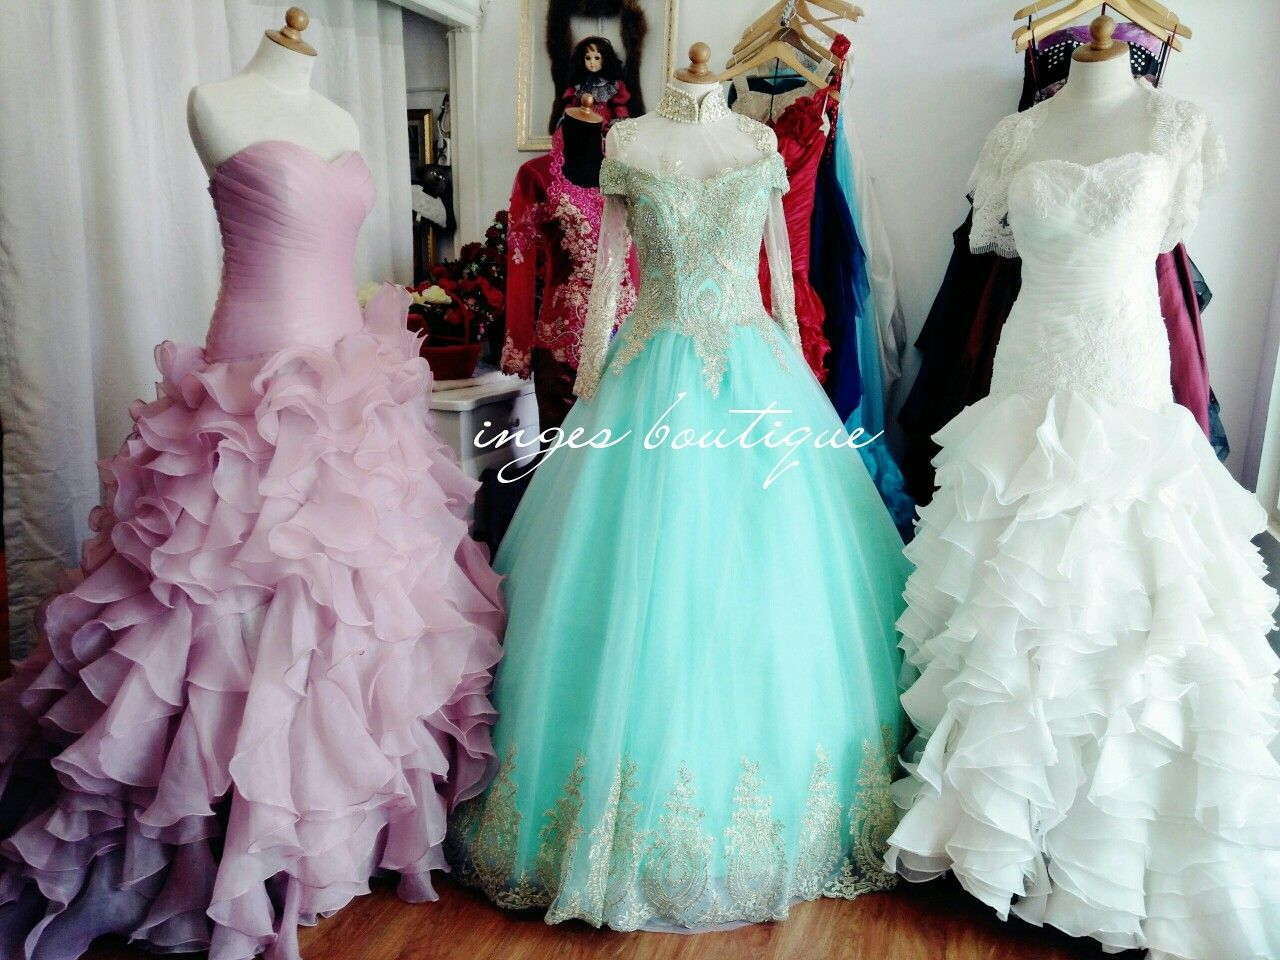 Gowns Sewa Gaun Inges Mataram Inges Boutique Rental gaun mataram ...